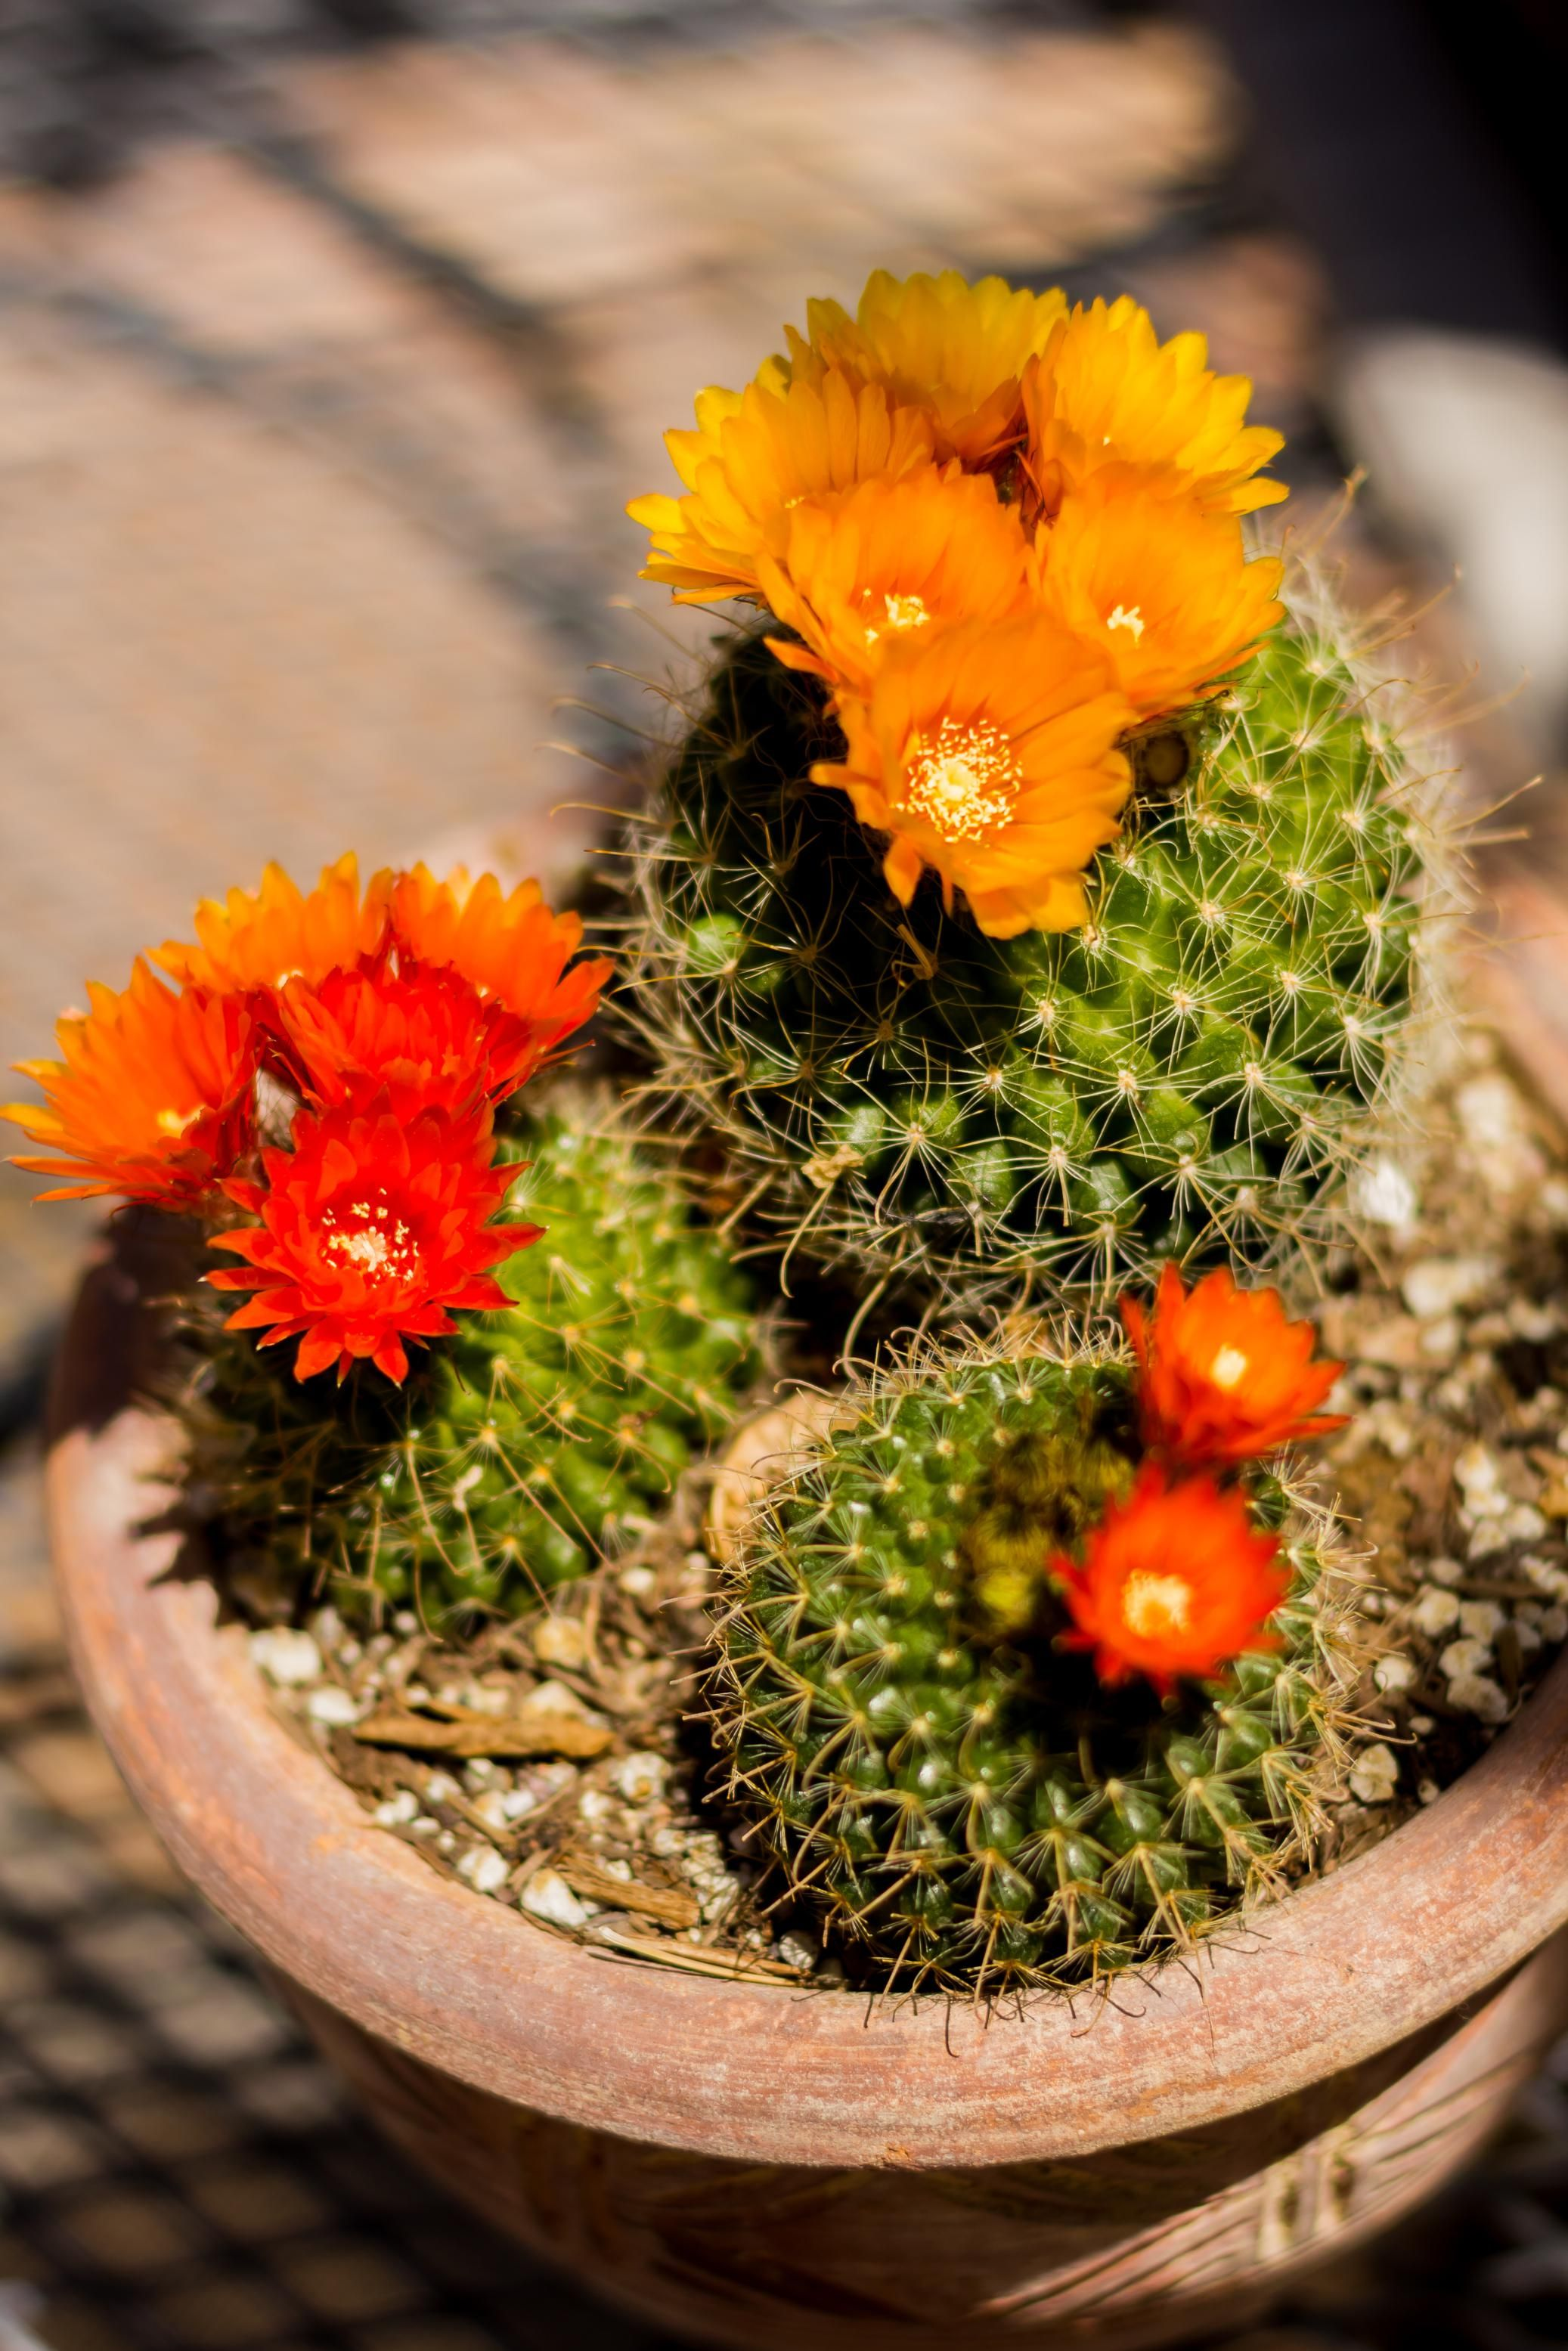 Rebutia Cactus Spring Flowers Cactus And Succulents Cactus